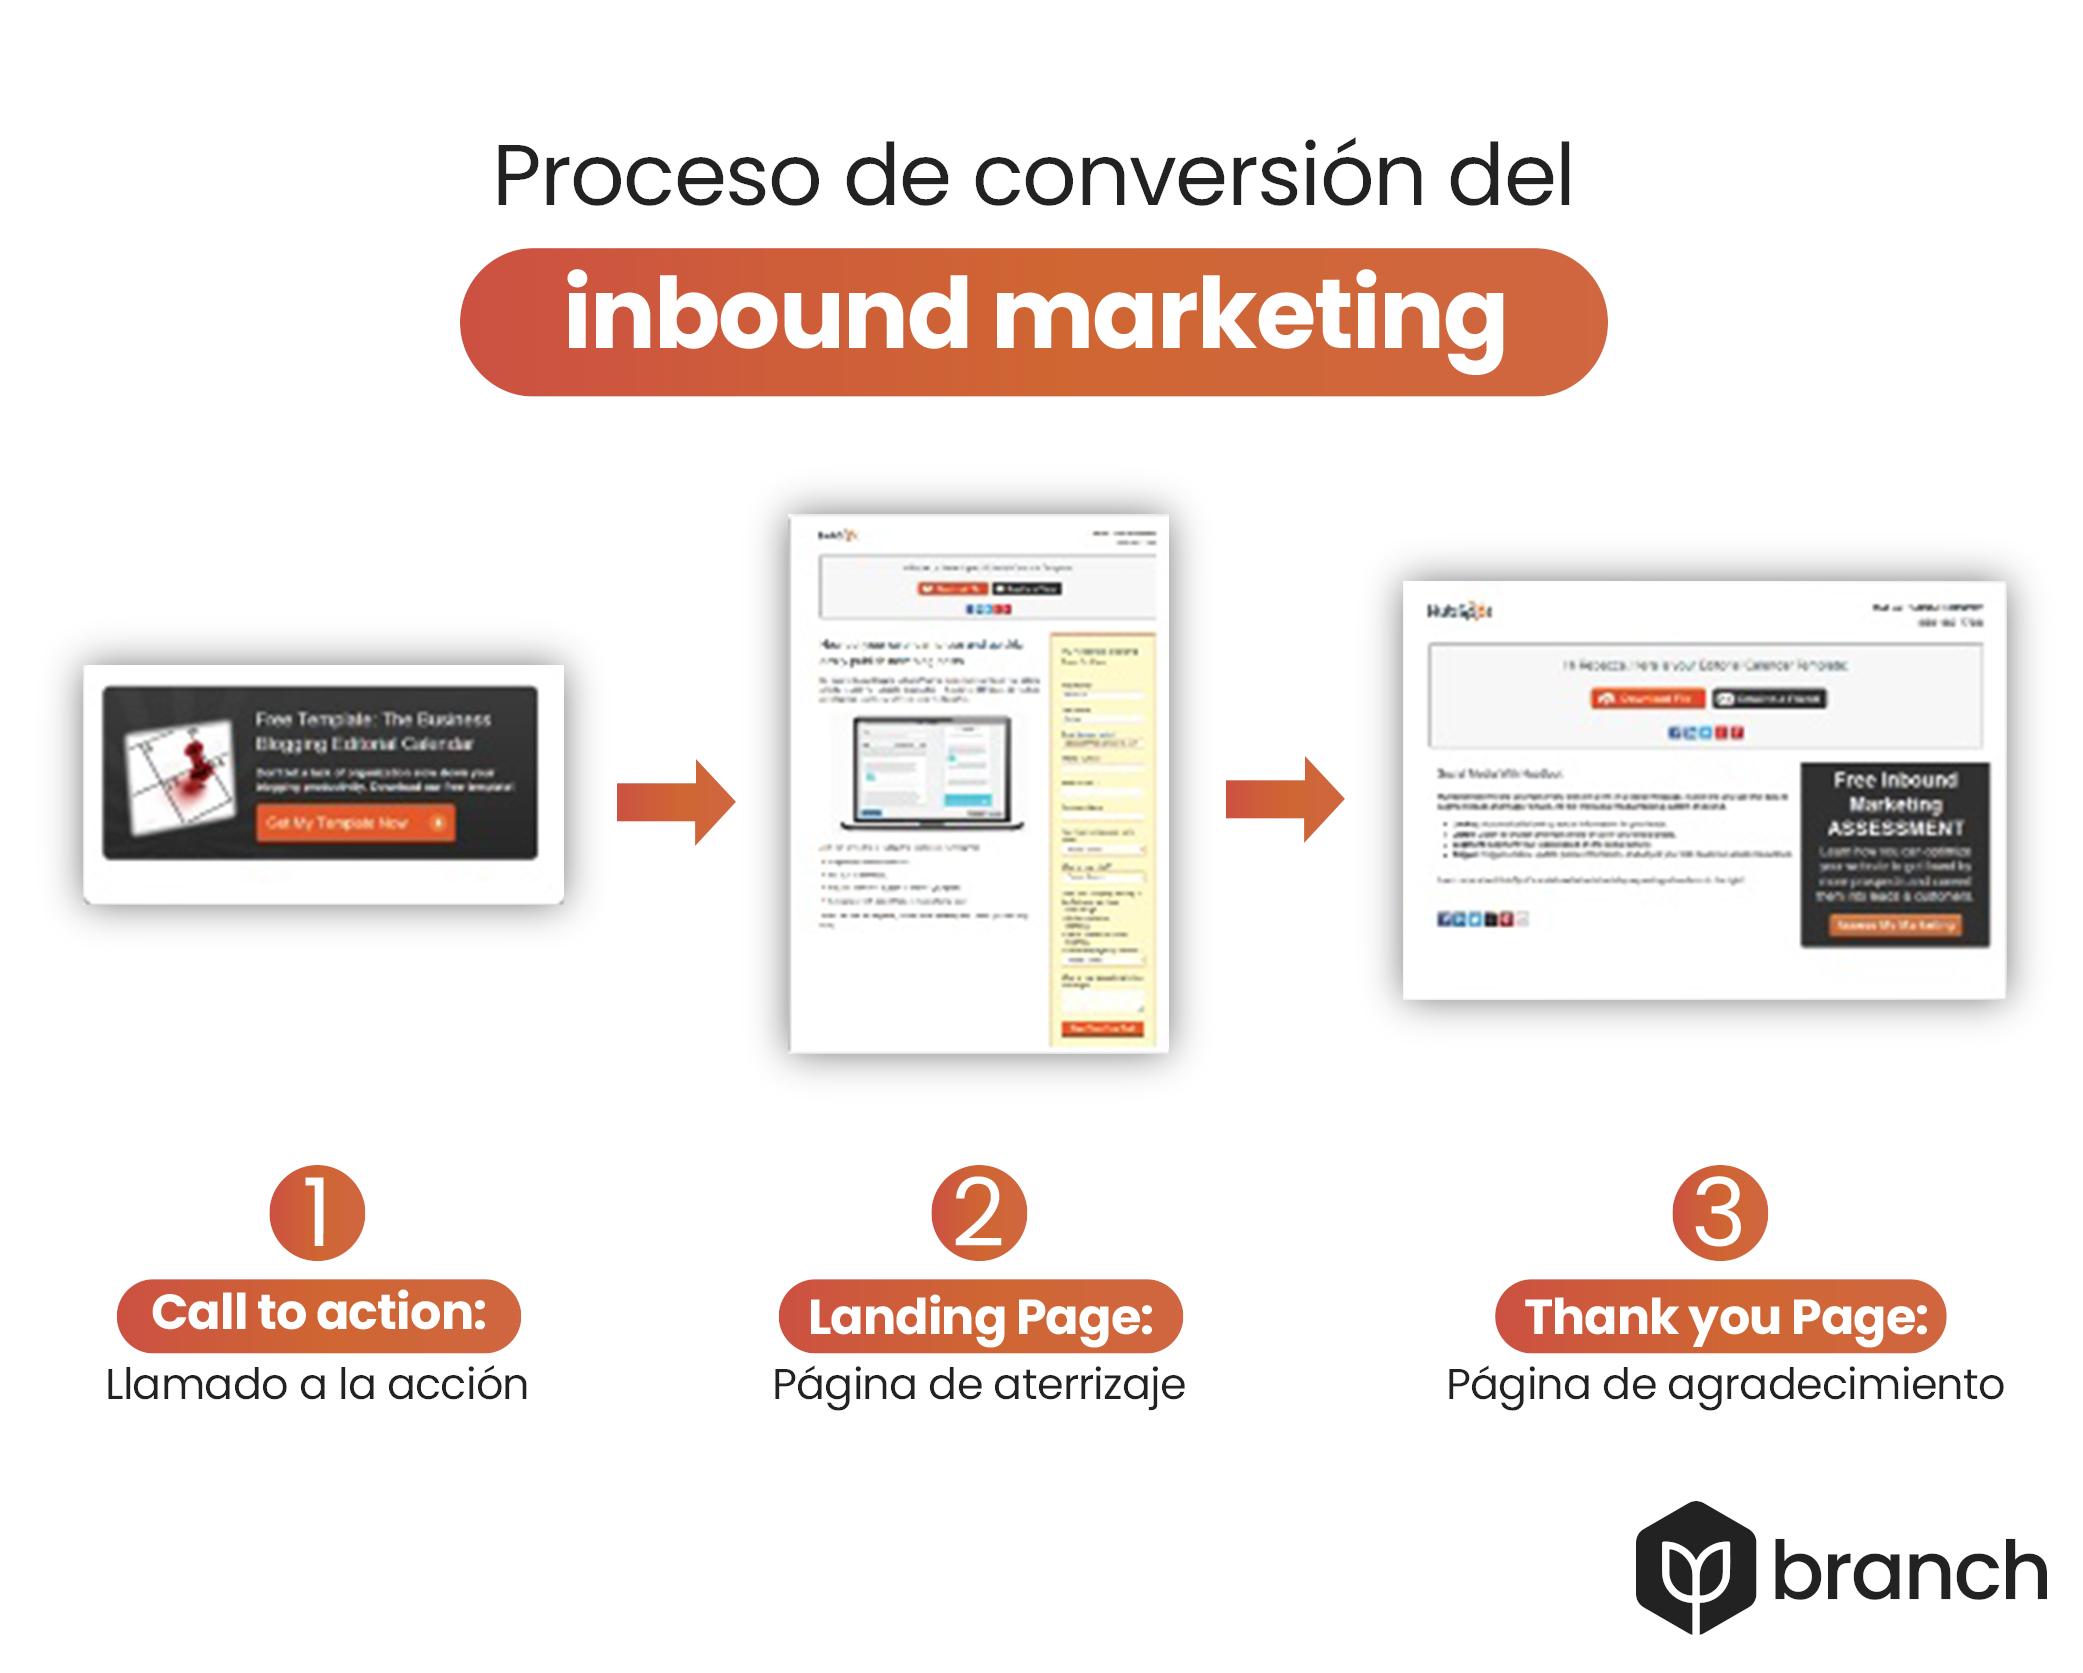 proceso-de-conversion-inbound-marketing